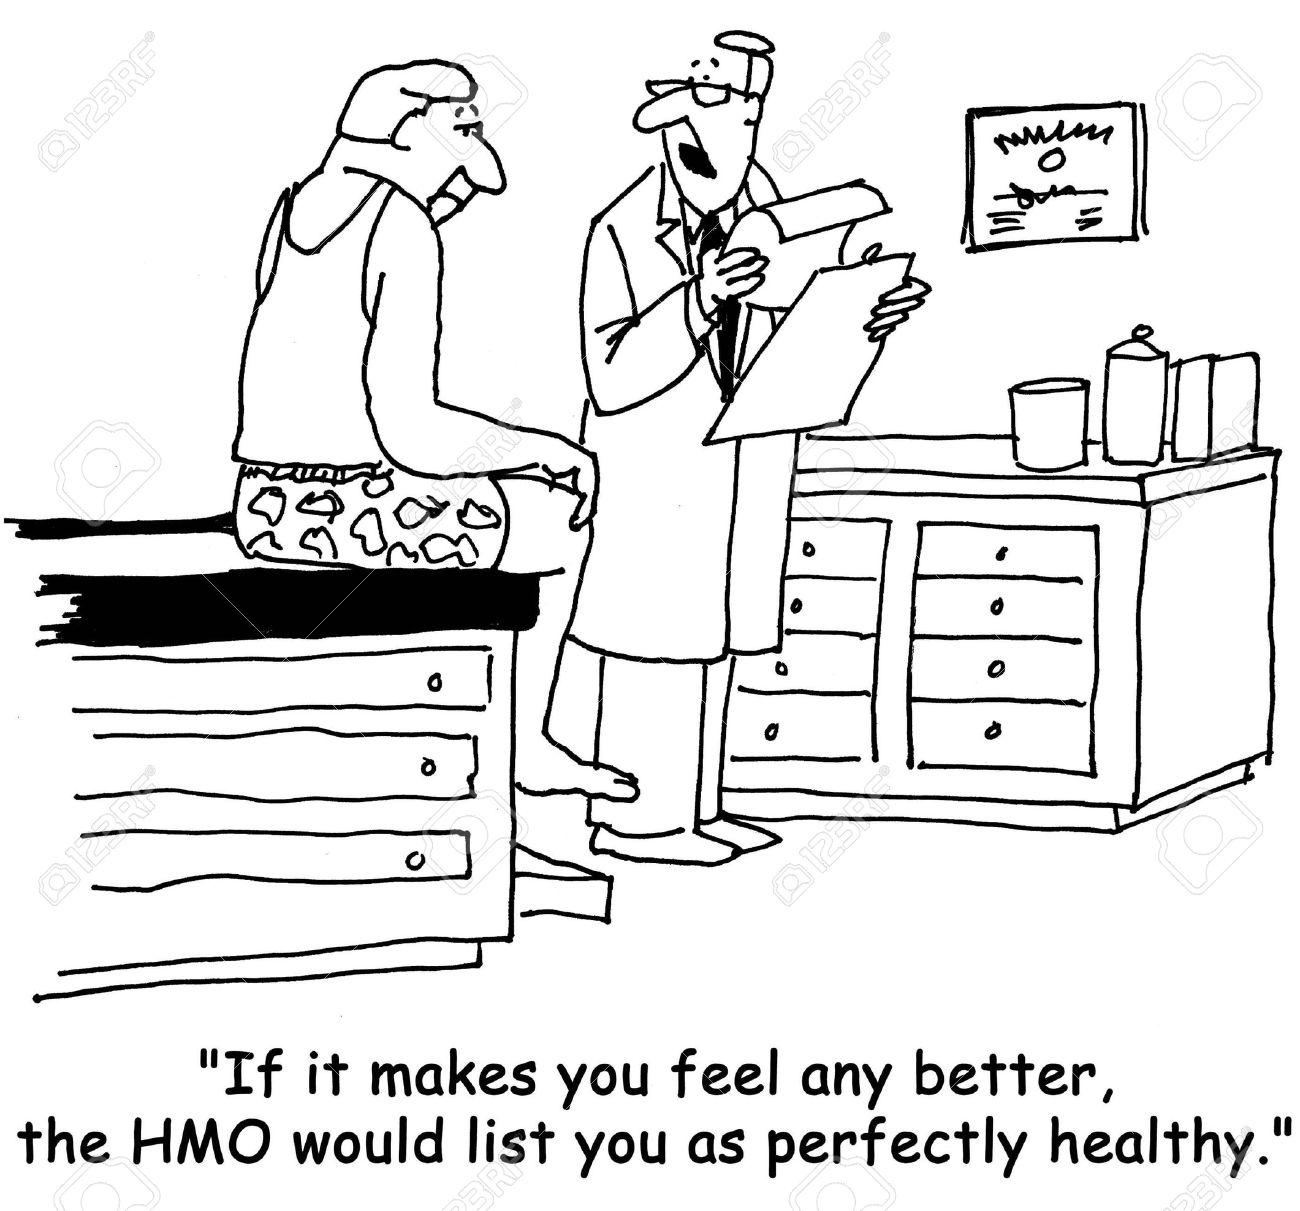 HMO health Stock Photo - 10067557